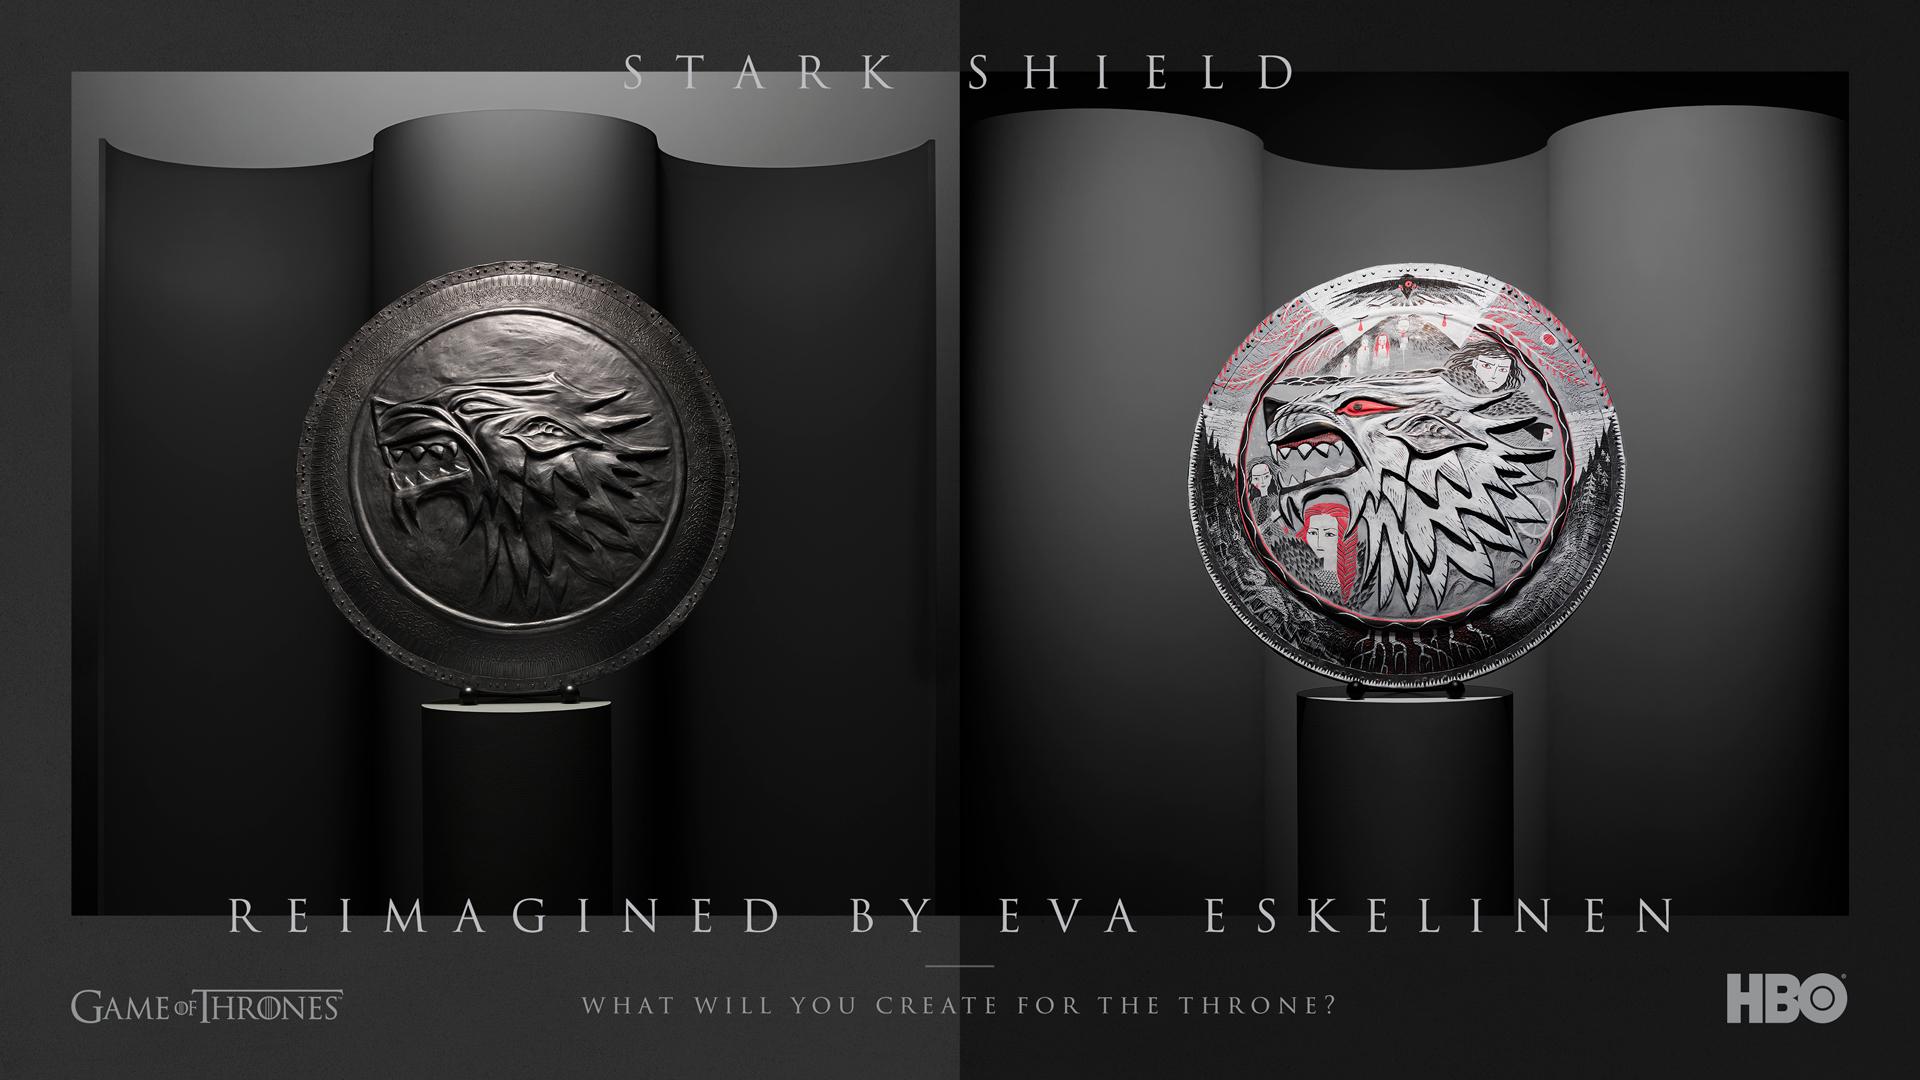 10_HONOR_Stark_Shield_Eva_Eskelinen.jpg